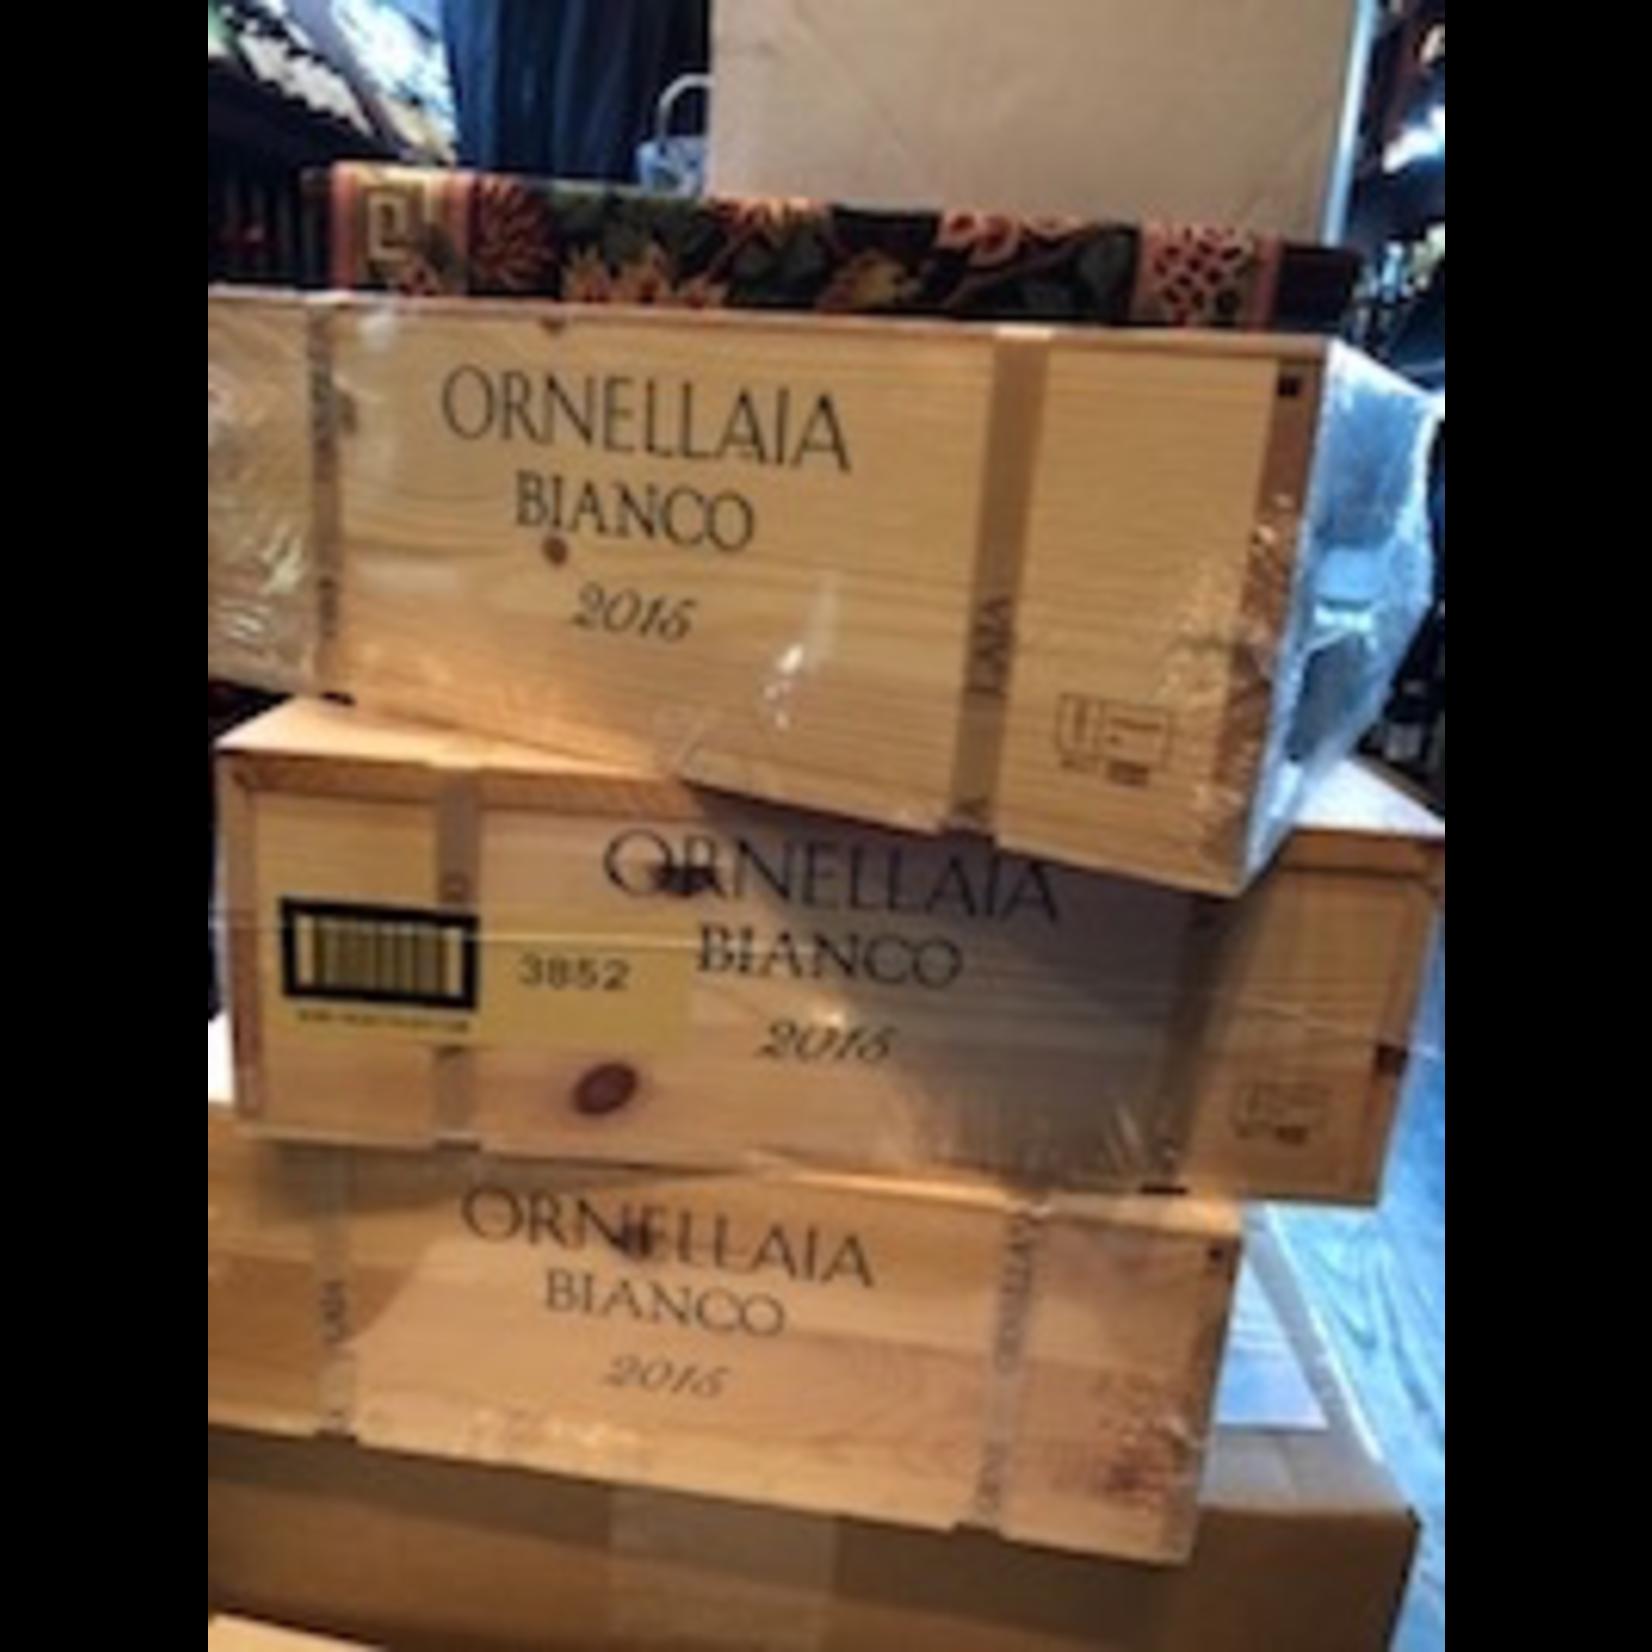 Wine Ornellaia Bianco 2015